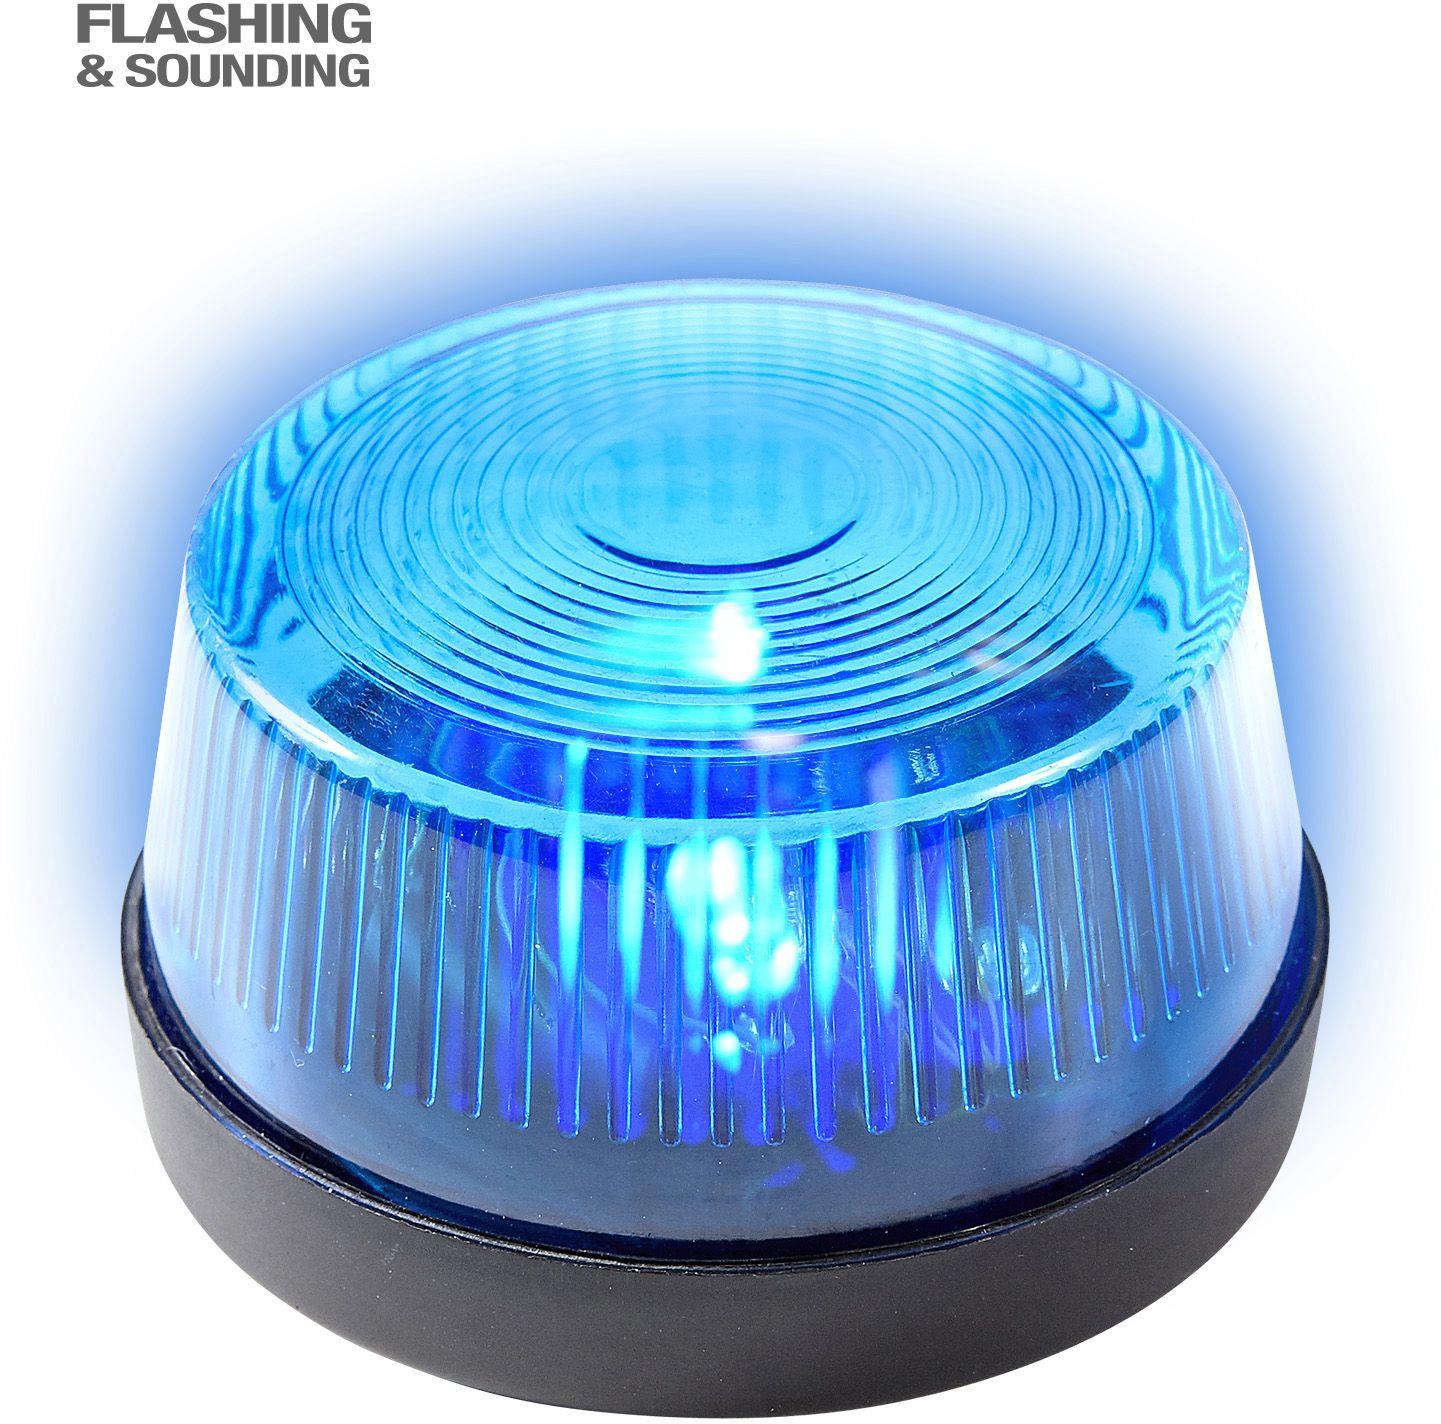 Blauwe sirene met geluid